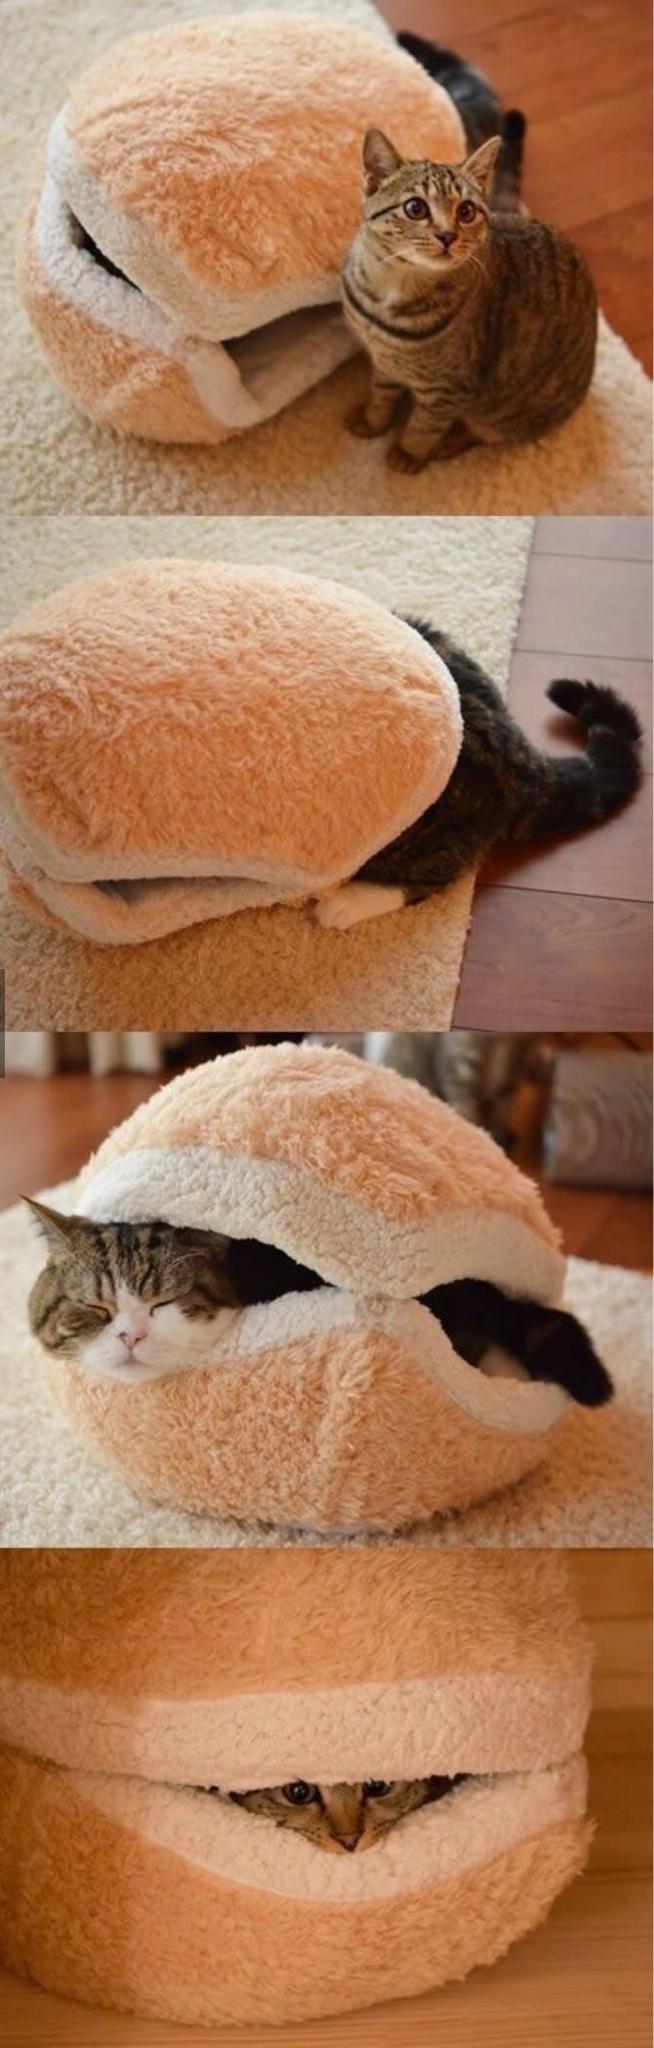 cat in a bun - meme